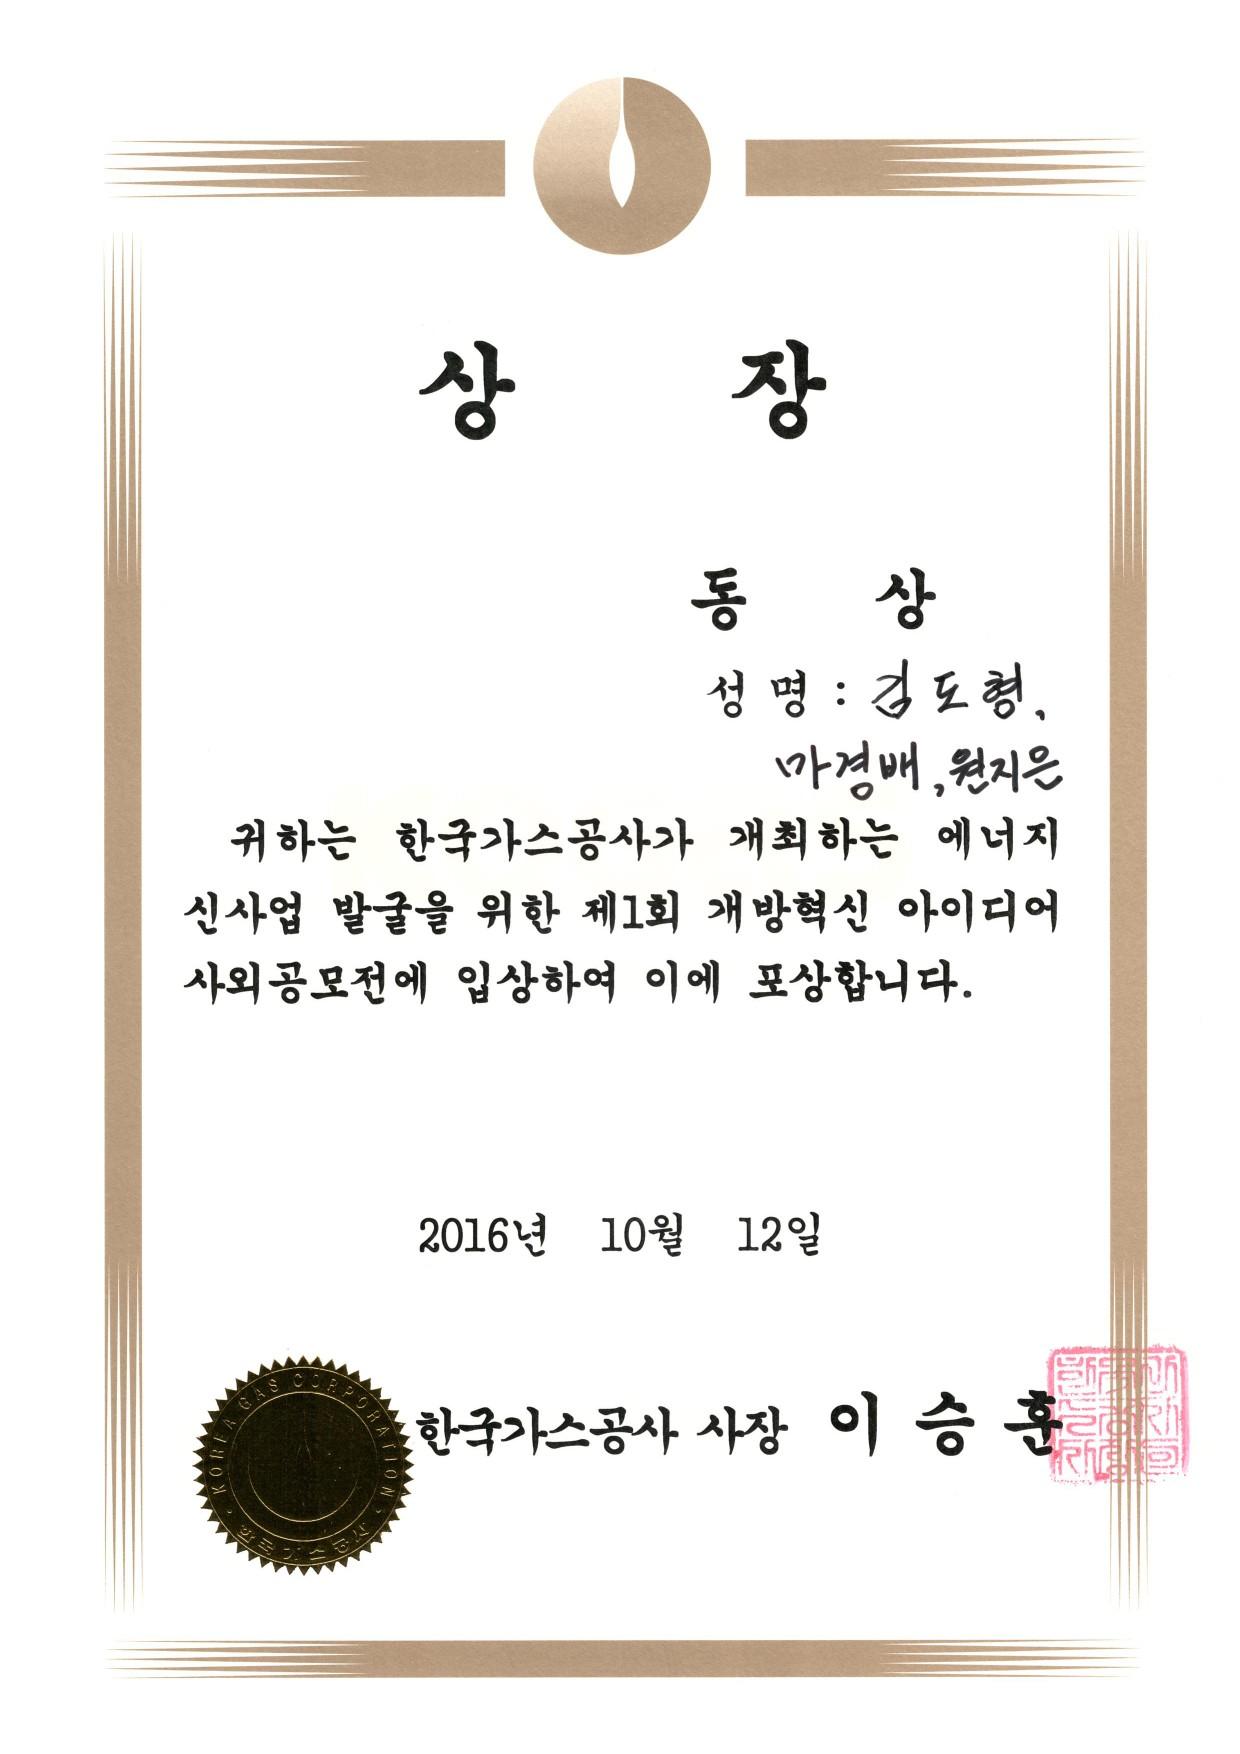 2016년도 가스공사 공모전 동상-김도형,마경배,원지은-1